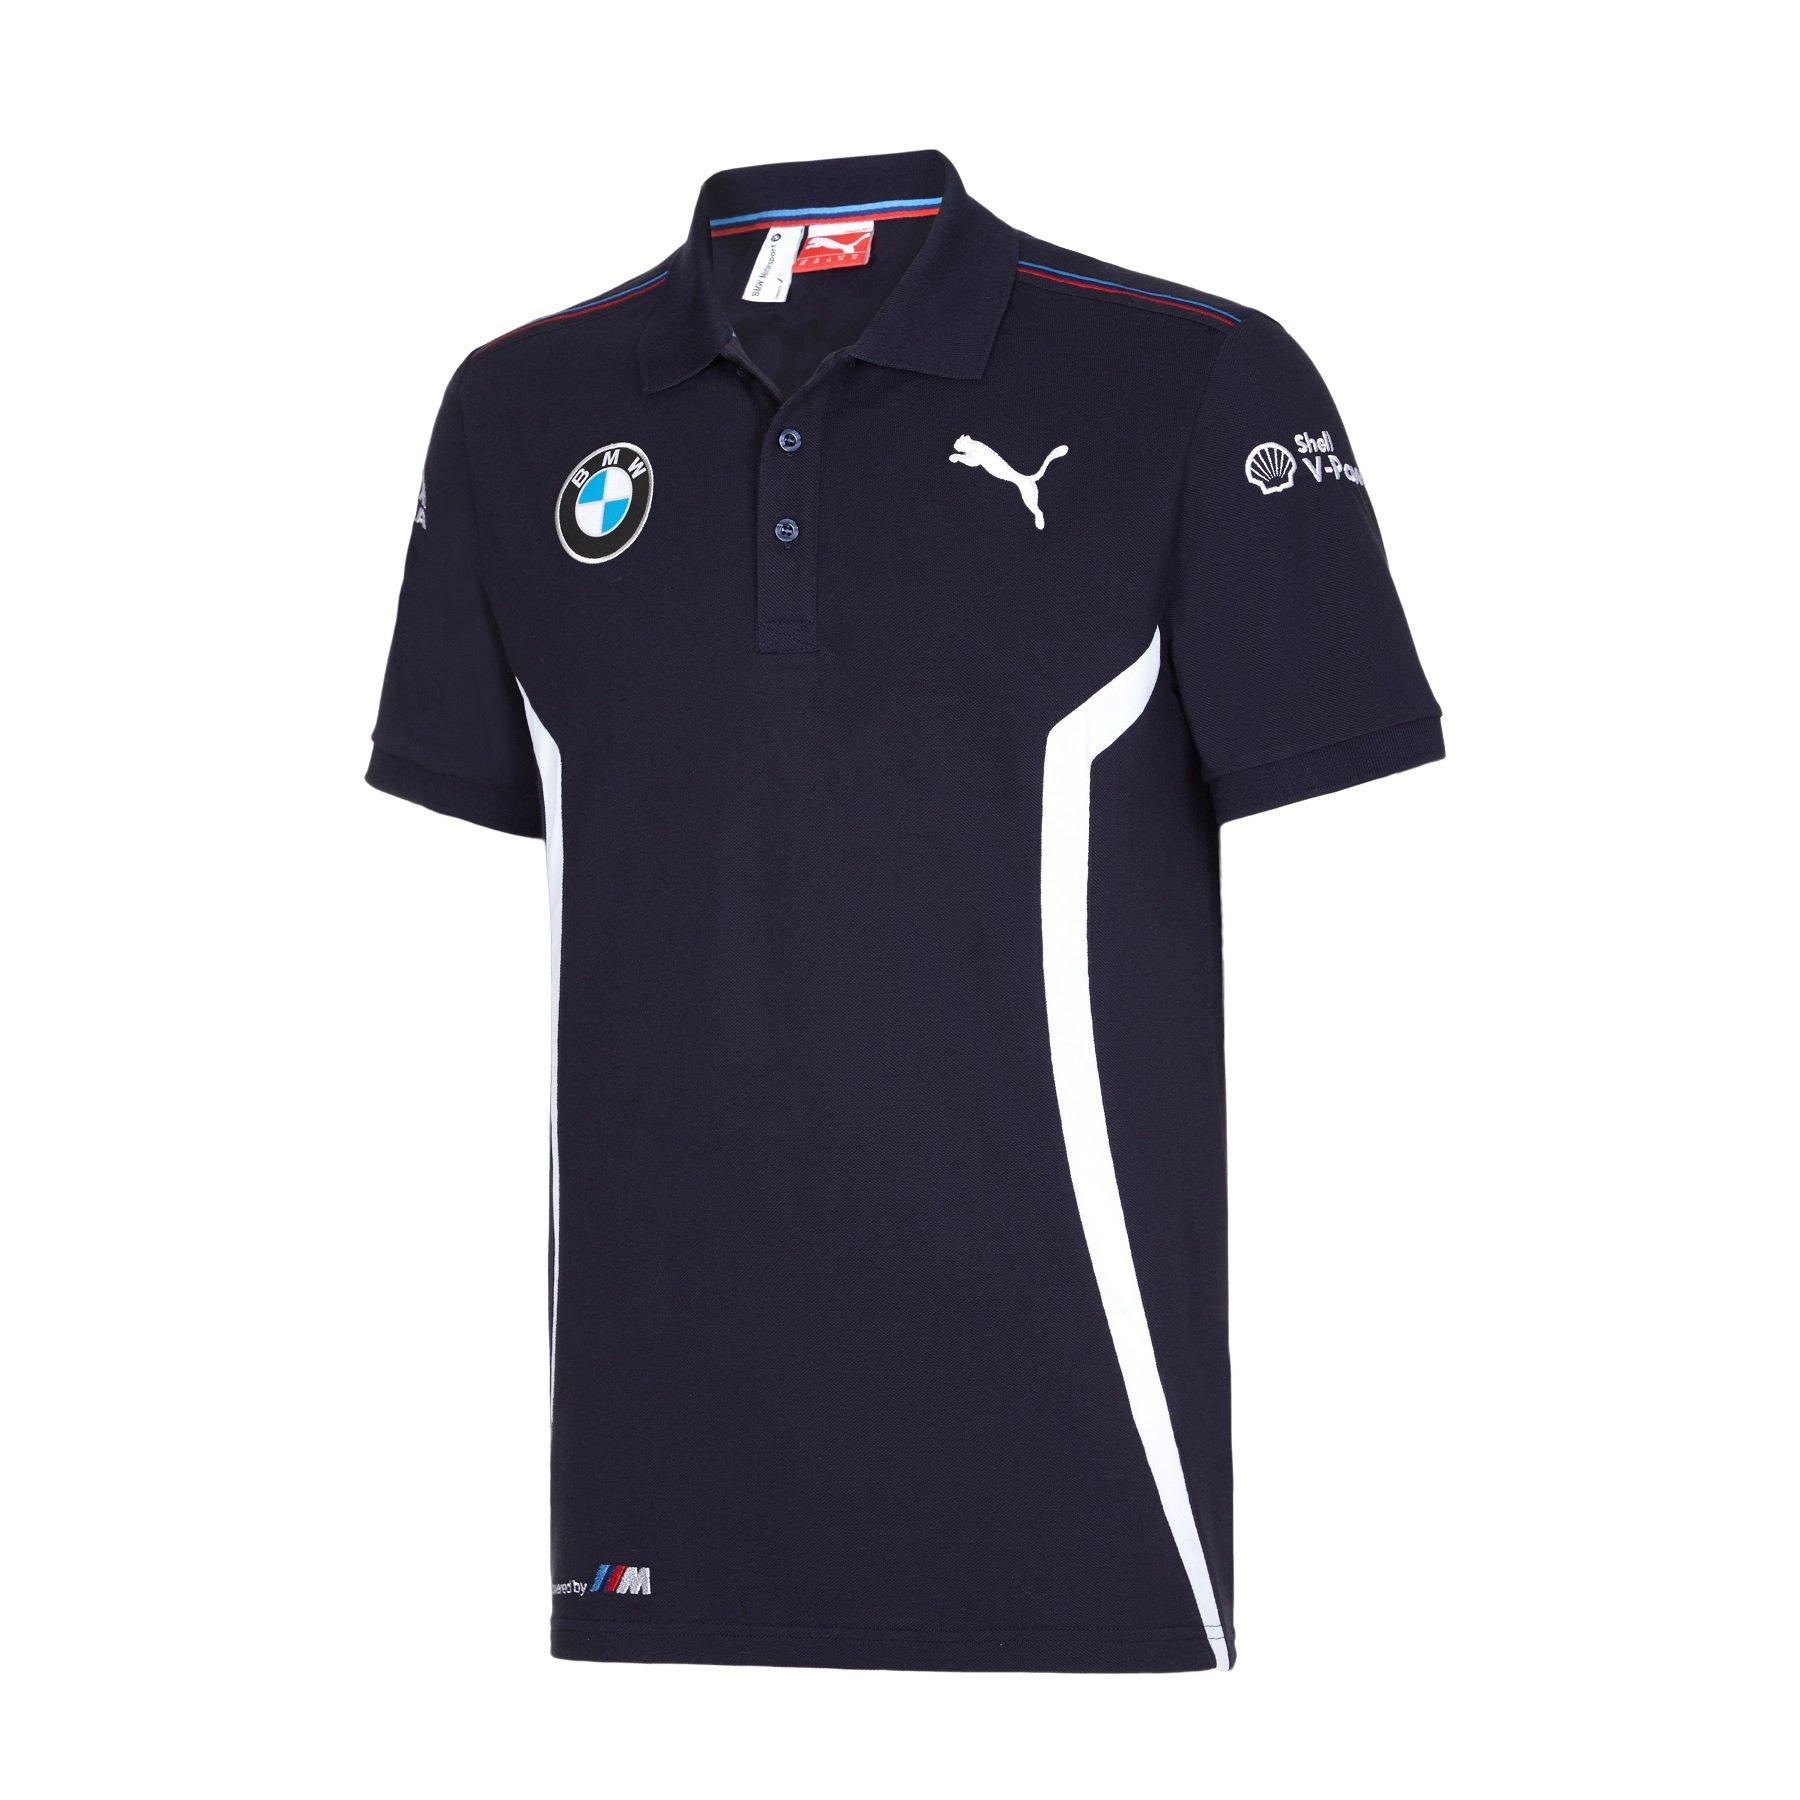 BMW Motorsport Puma DTM equipo Polo camisa, Azul (Team Blue): Amazon.es: Deportes y aire libre